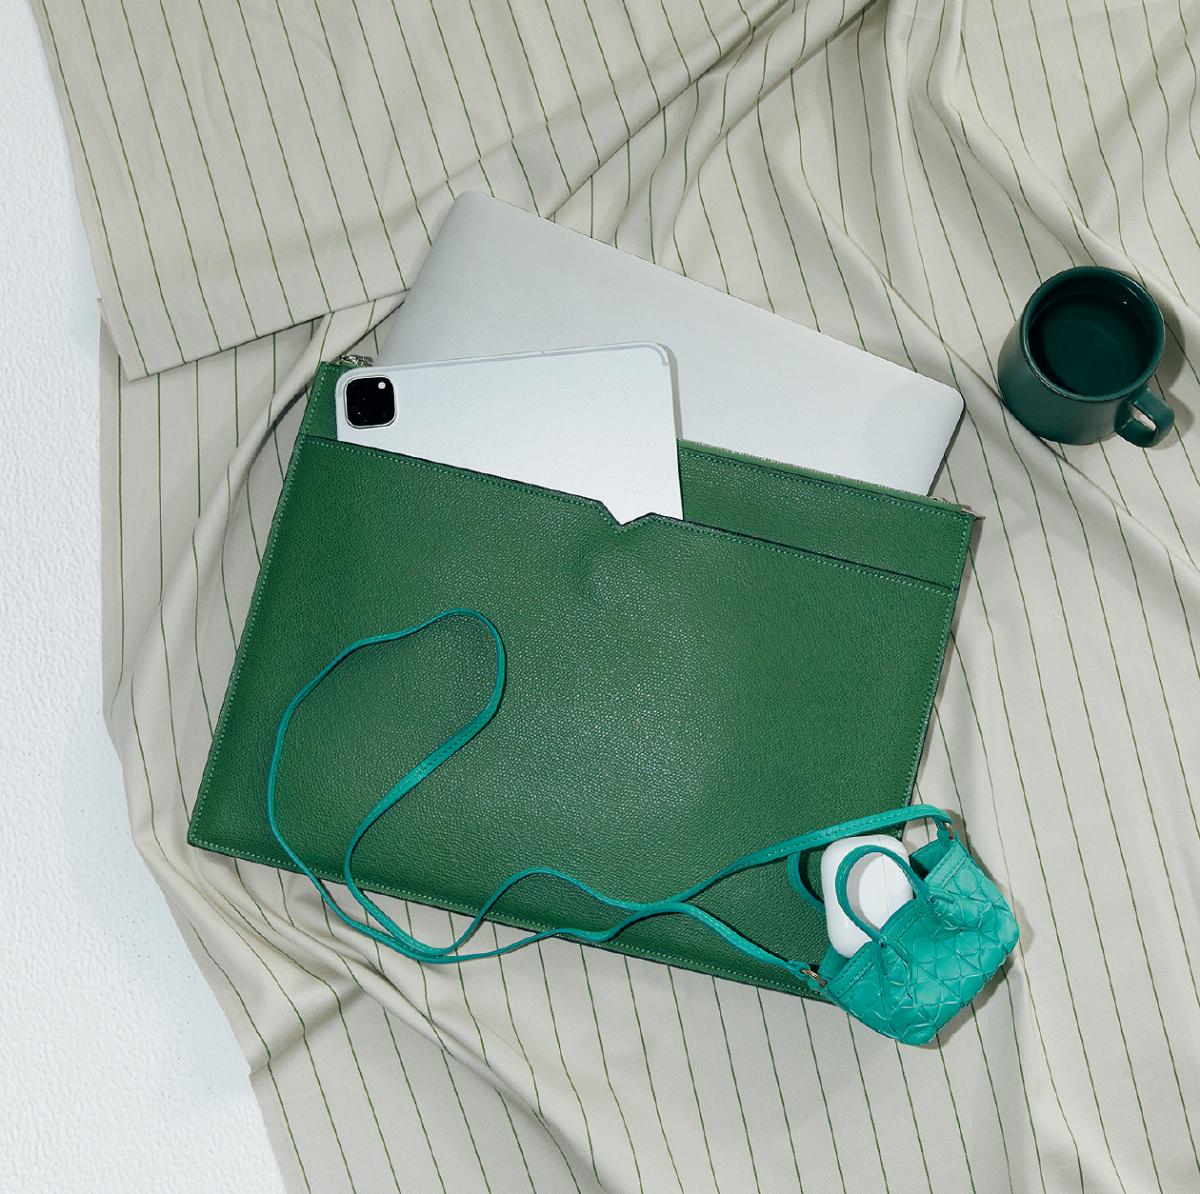 緑のケースからガジェットを取り出して配信をチェック